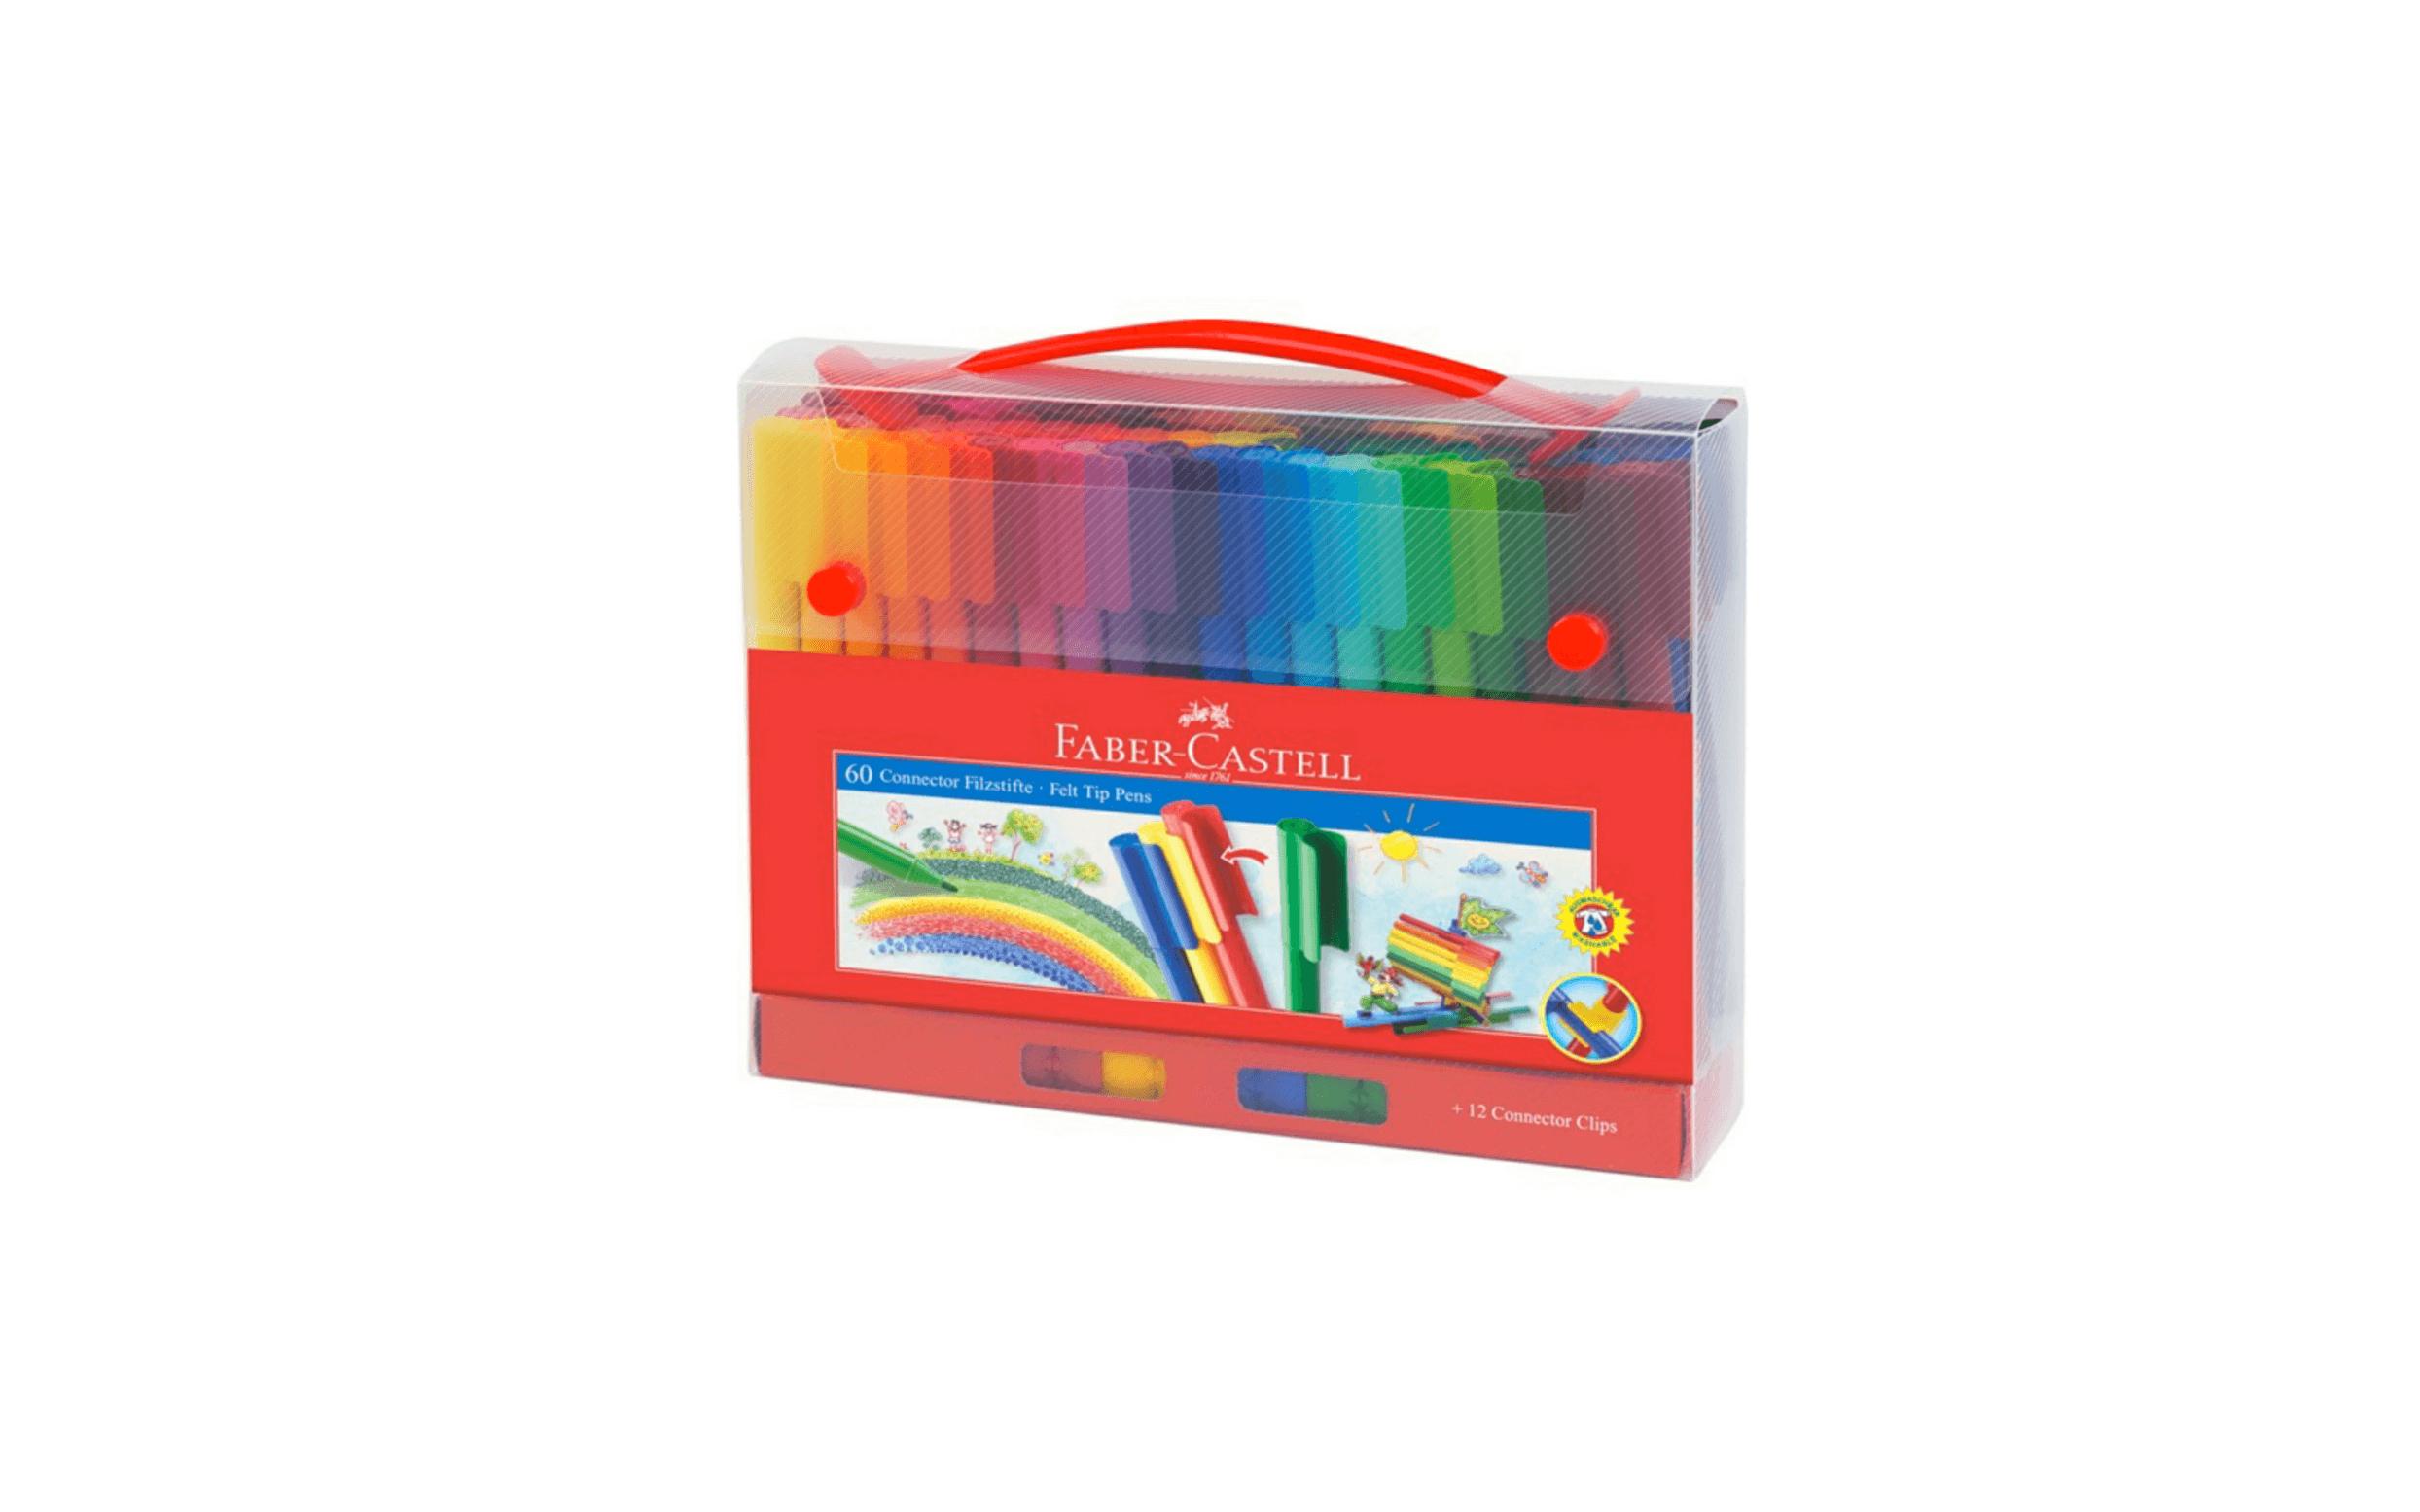 Faber Castle Connector Coloring Pens – 60 Colors – Dbassa